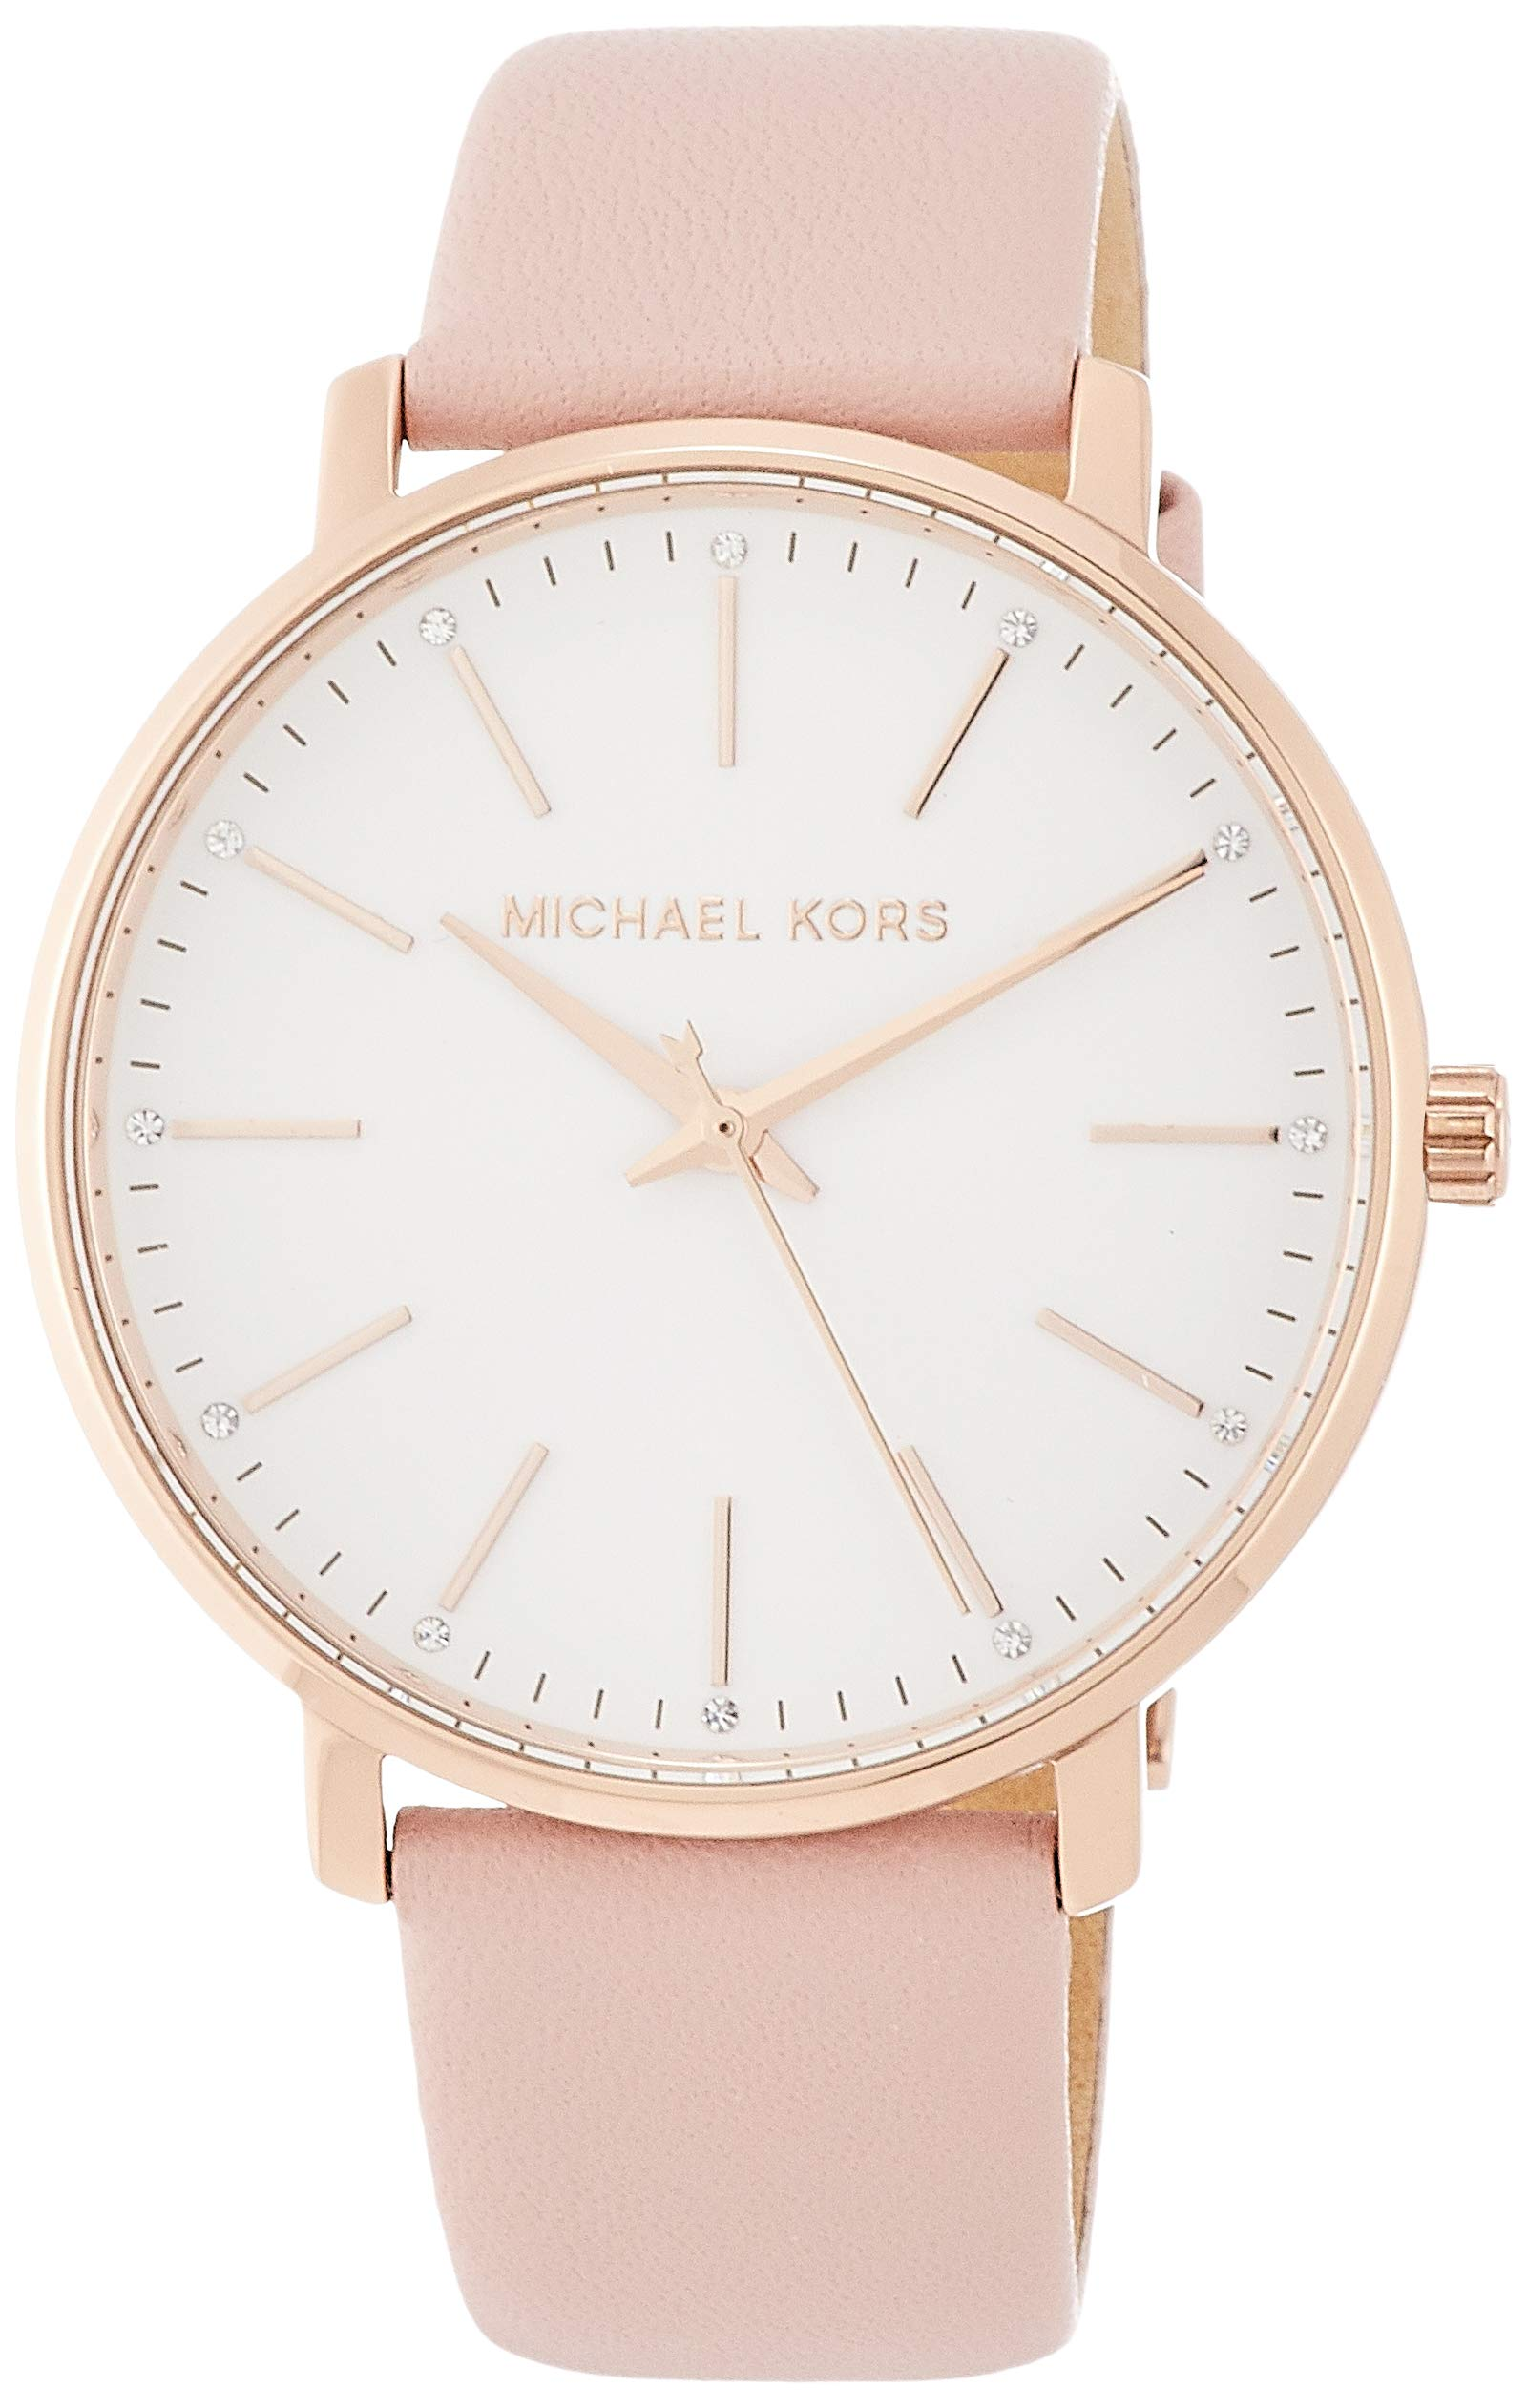 b737047b791f [マイケル・コース]MICHAEL KORS 腕時計 PYPER MK2741 レディース 【正規輸入品】